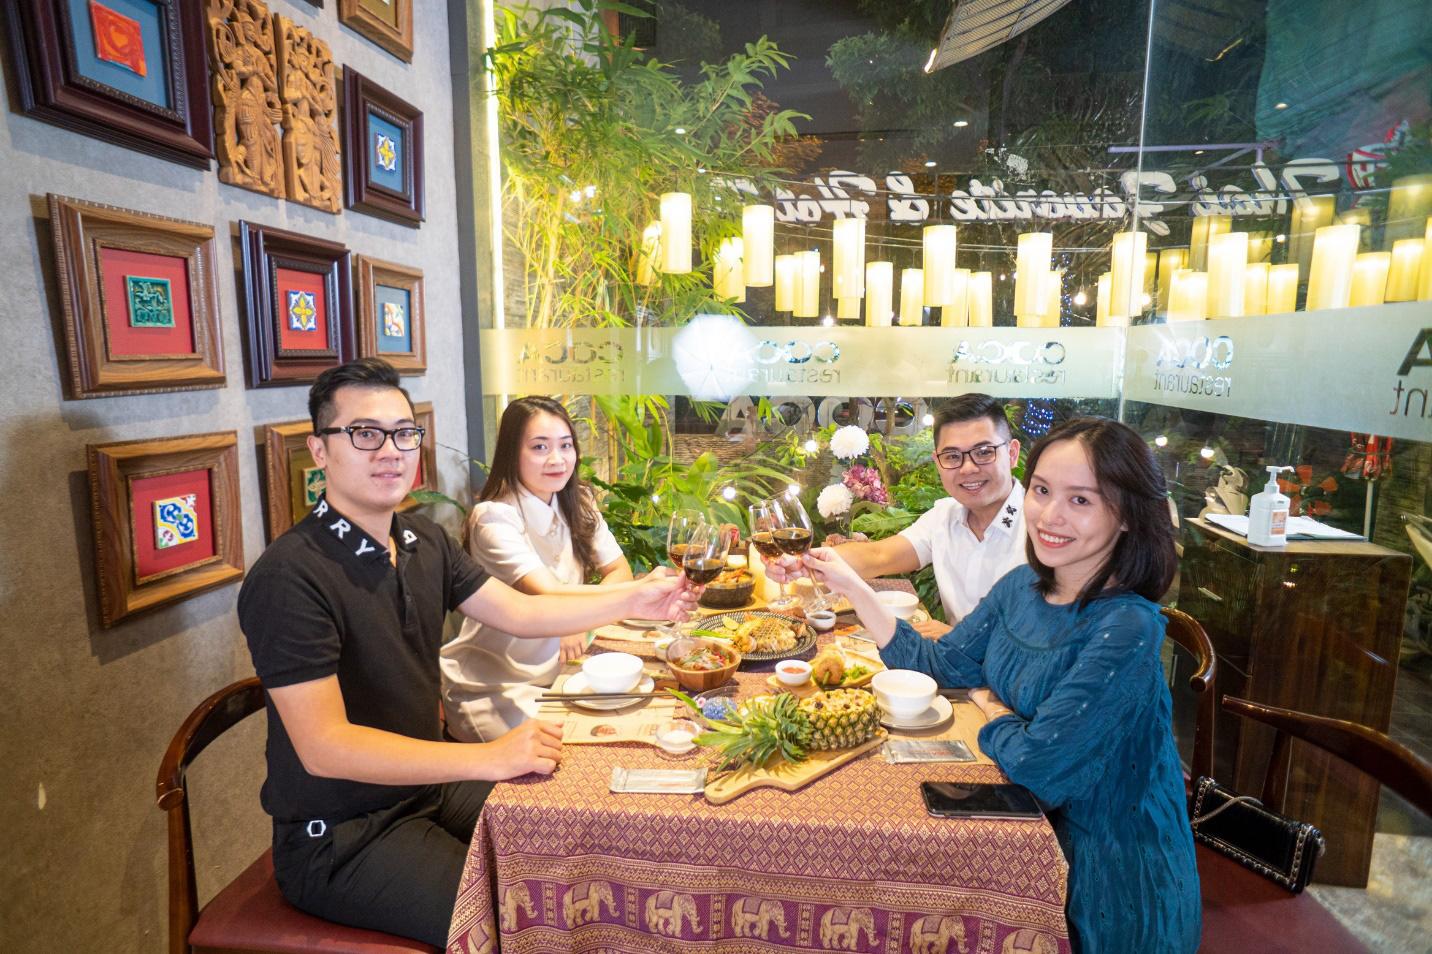 Songkran không chỉ là té nước, bởi có hàng loạt những món ngon khó cưỡng của xứ sở chùa Vàng cũng chờ bạn thưởng thức - Ảnh 6.